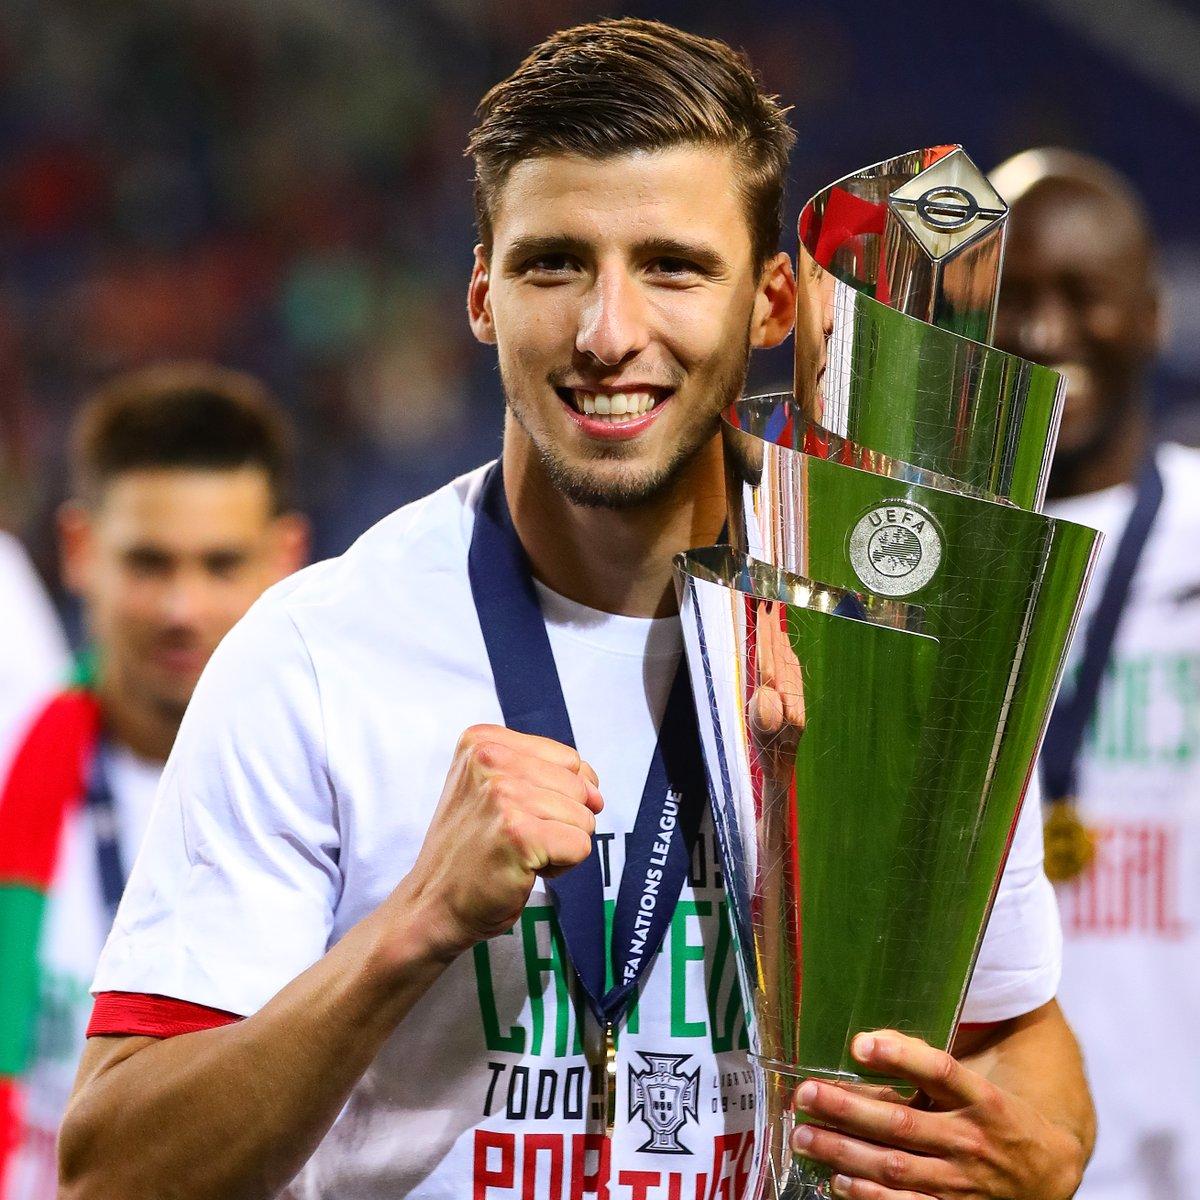 ⏪ Celebrating Rúben Dias' birthday with his goal against Croatia 🤩  #HBD | @selecaoportugal | @rubendias